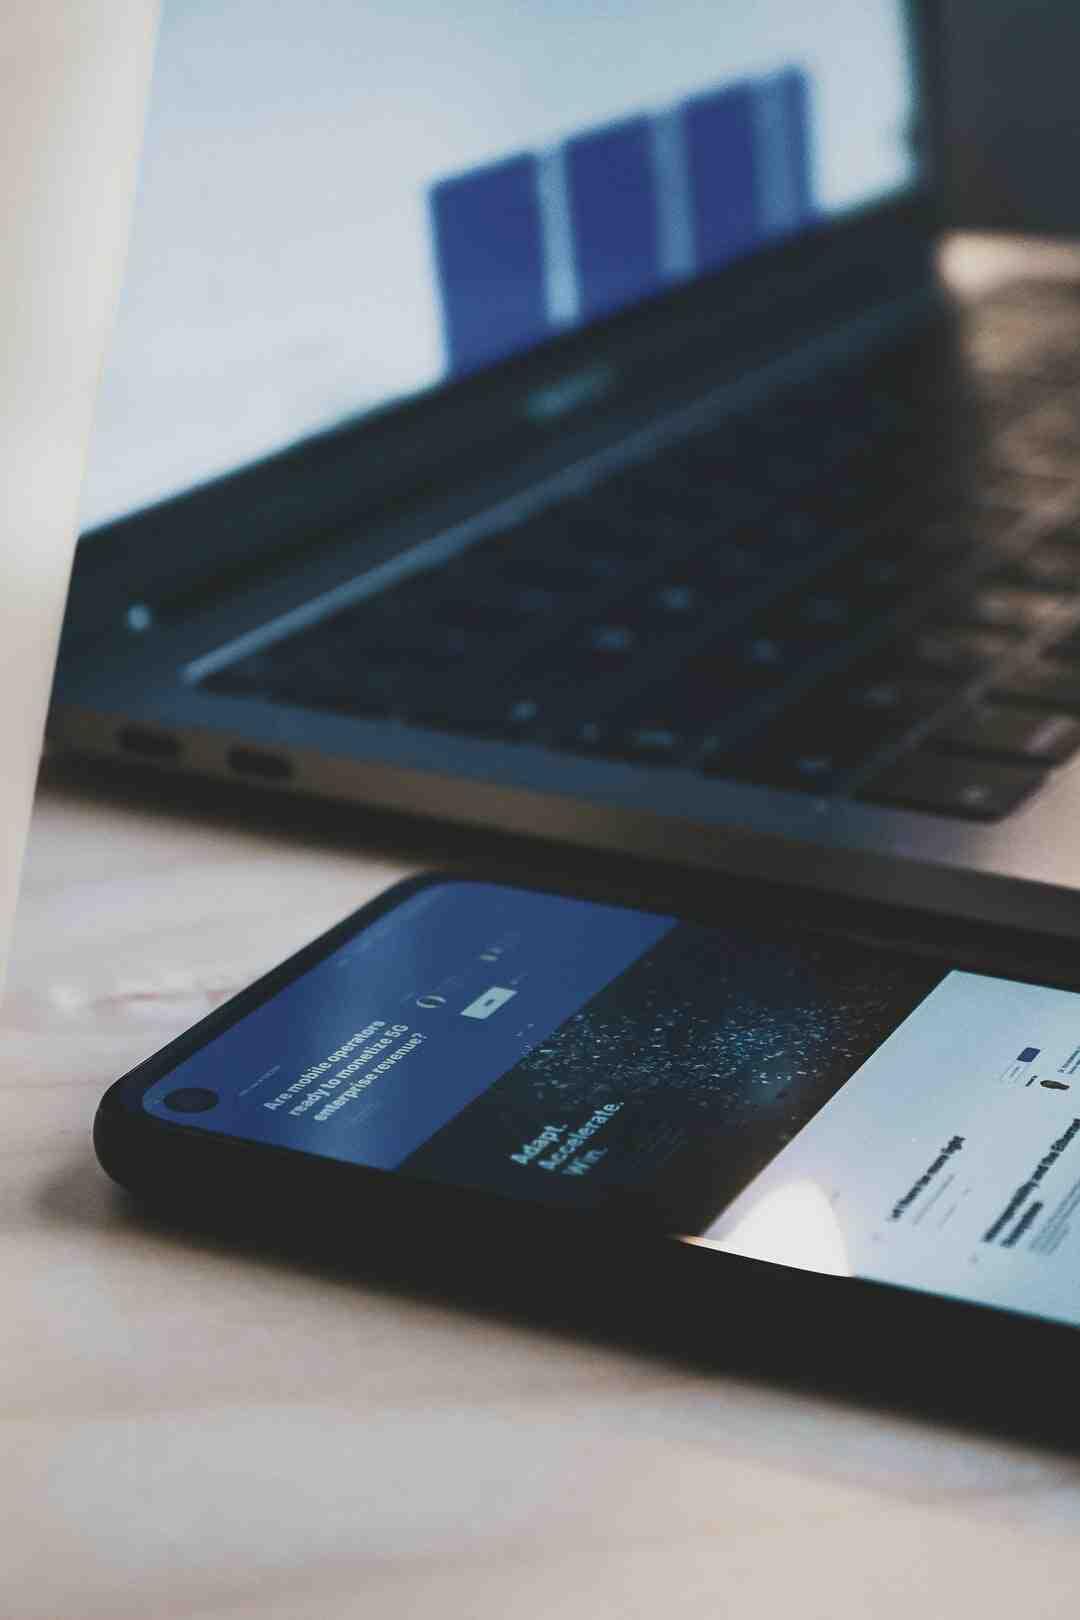 Comment passer appel vidéo Android ?